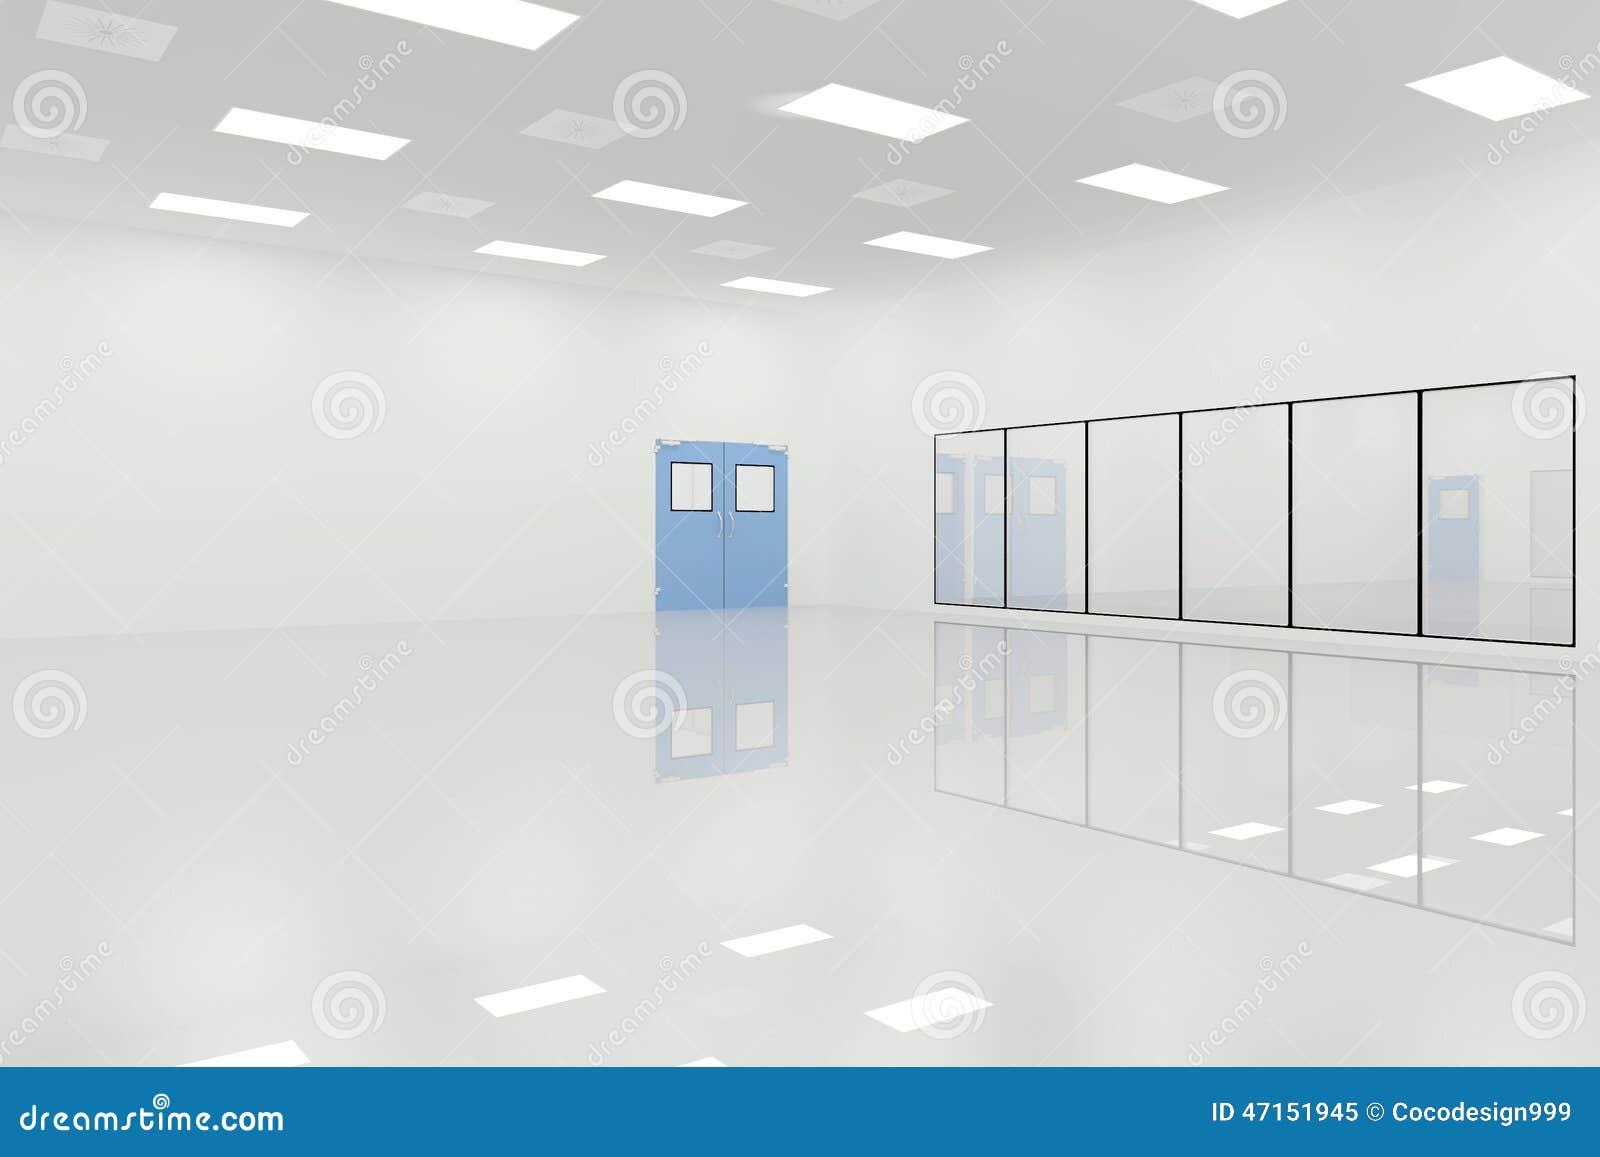 Room Hygiene Light